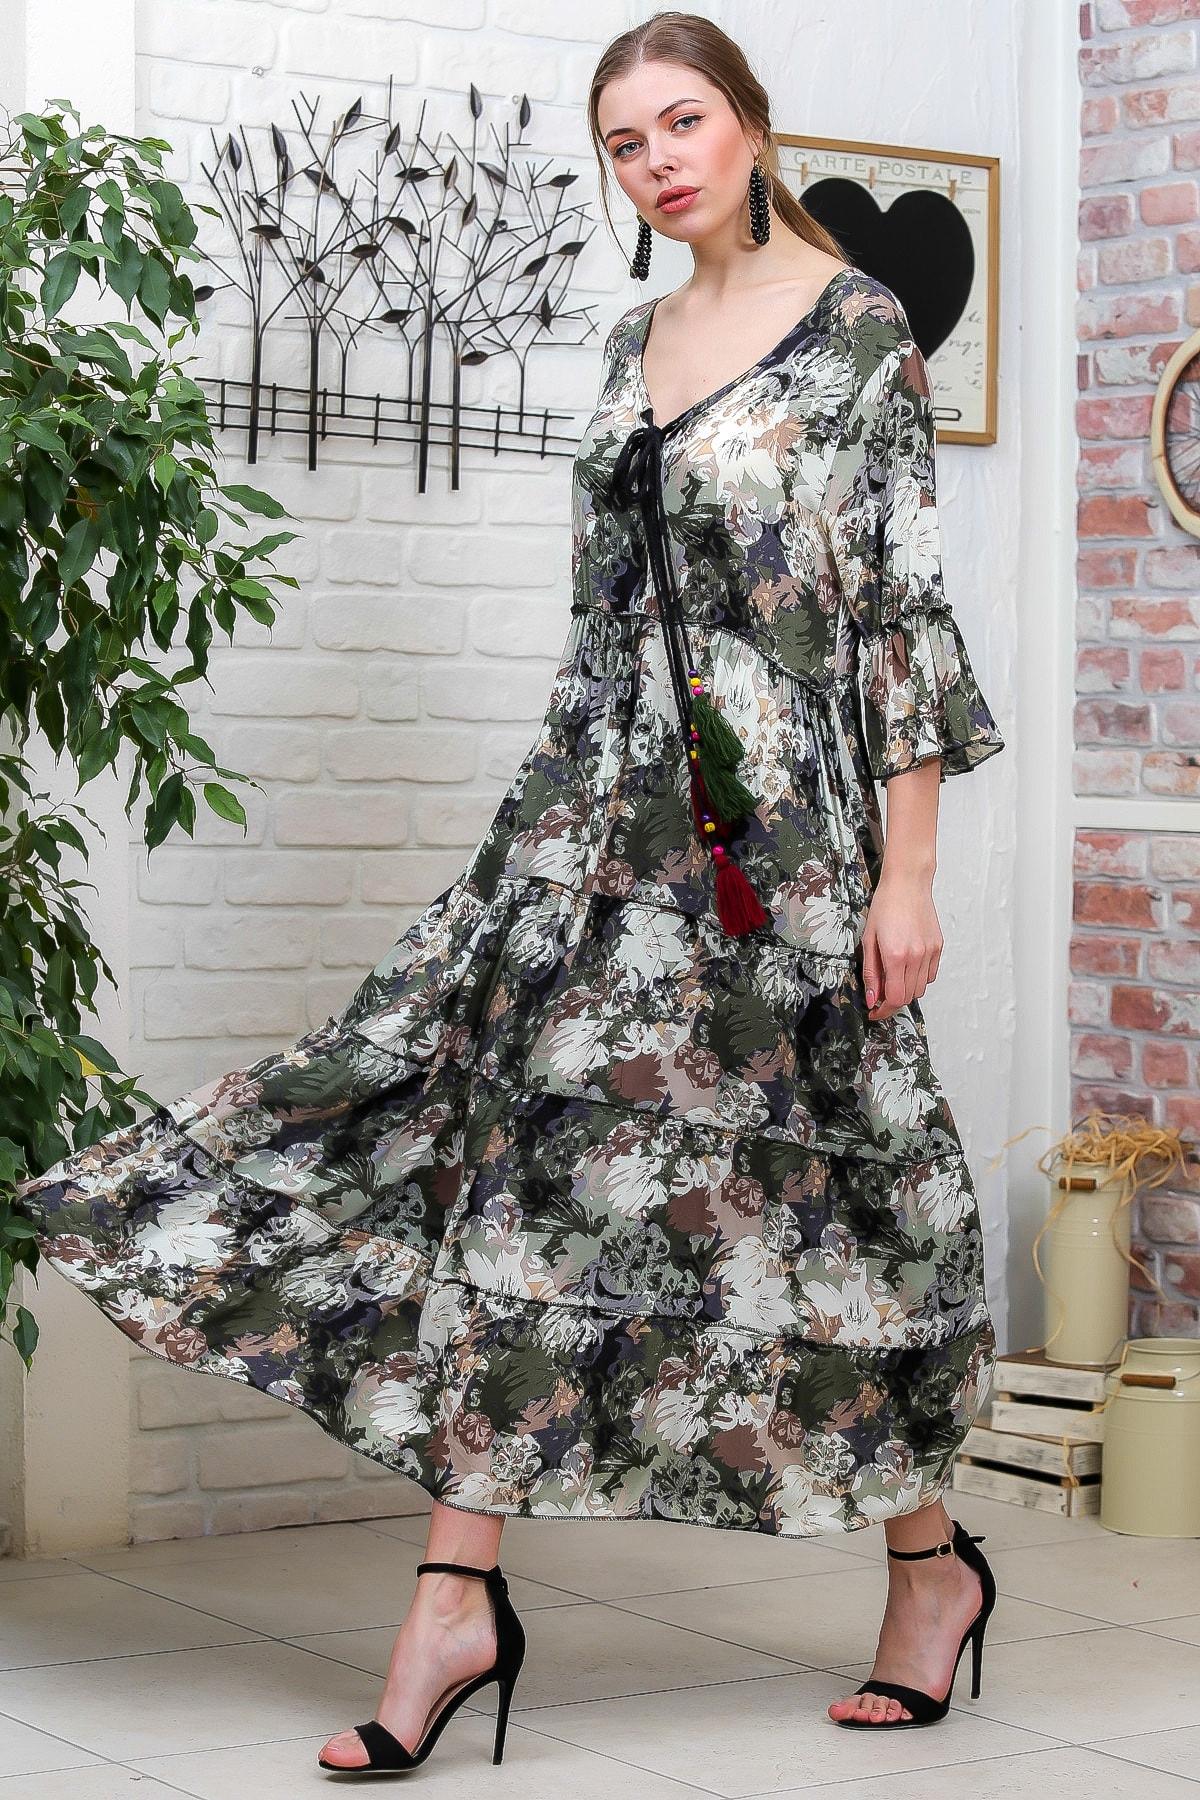 Chiccy Kadın Yeşil-Krem Suluboya Çiçek Desenli Püskül Bağcıklı Kat Kat Salaş Uzun Elbise M10160000EL95621 0